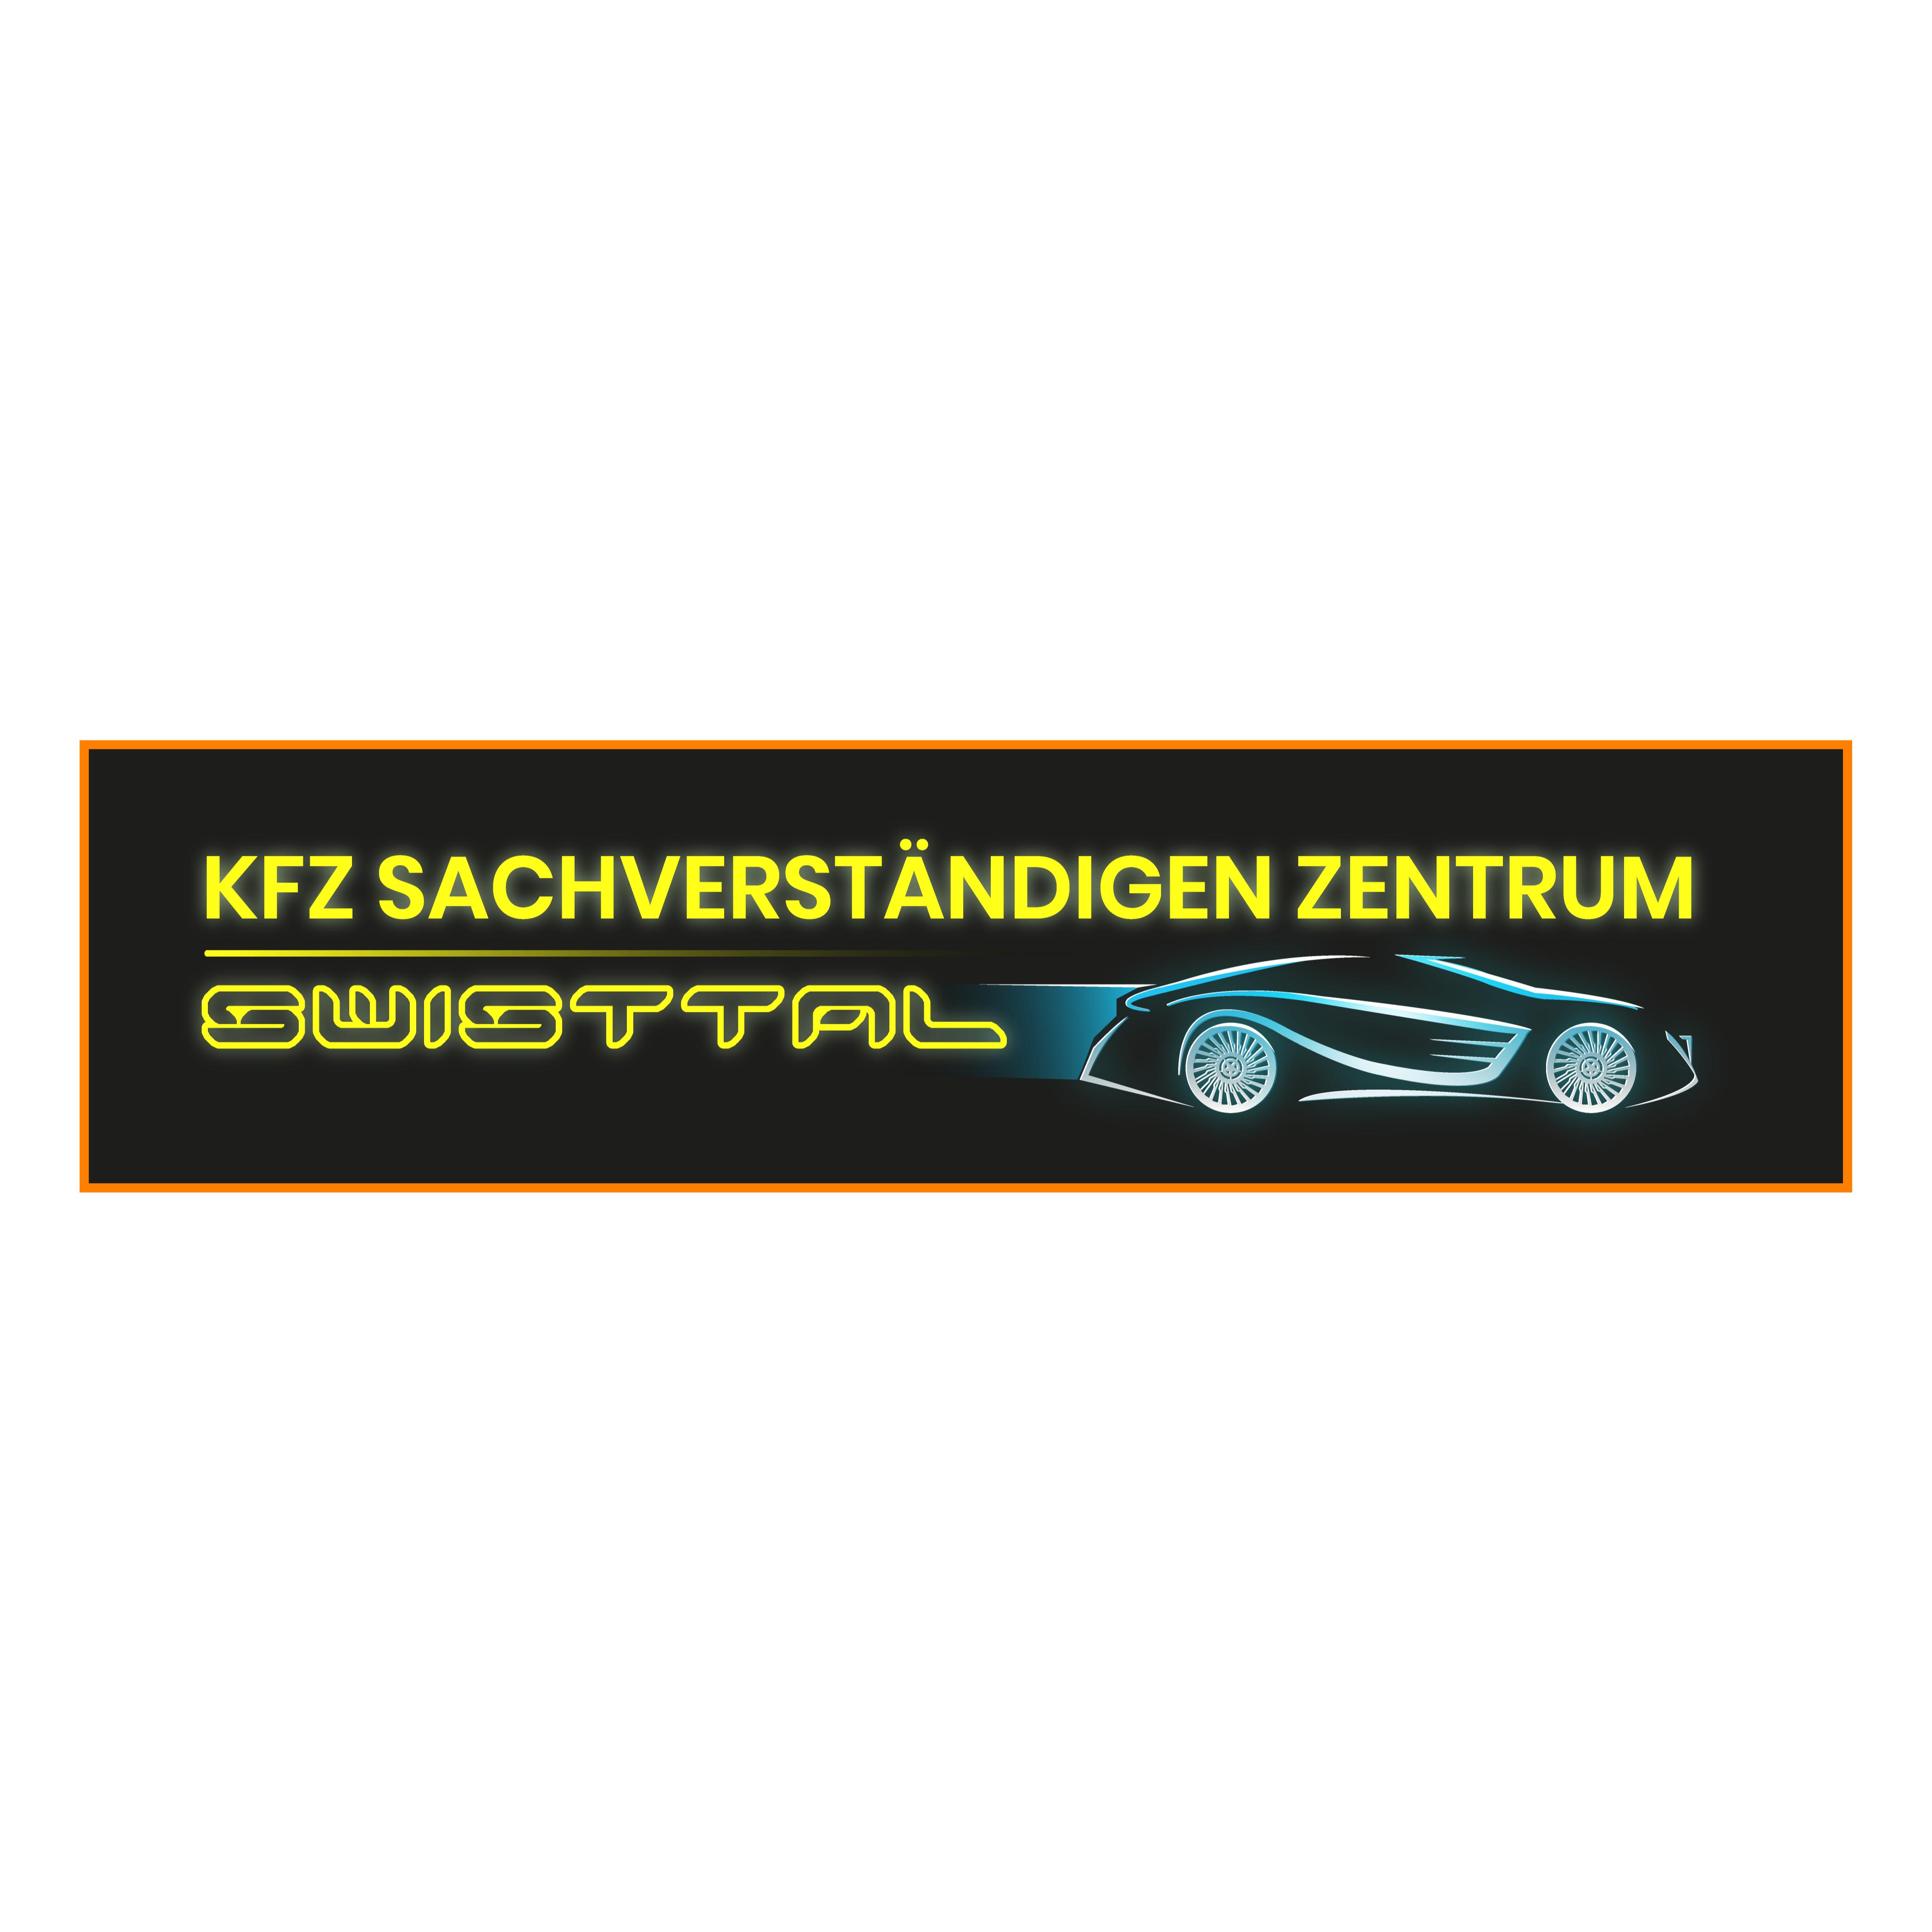 Bild zu KFZ Sachverständigen Zentrum Swisttal in Swisttal